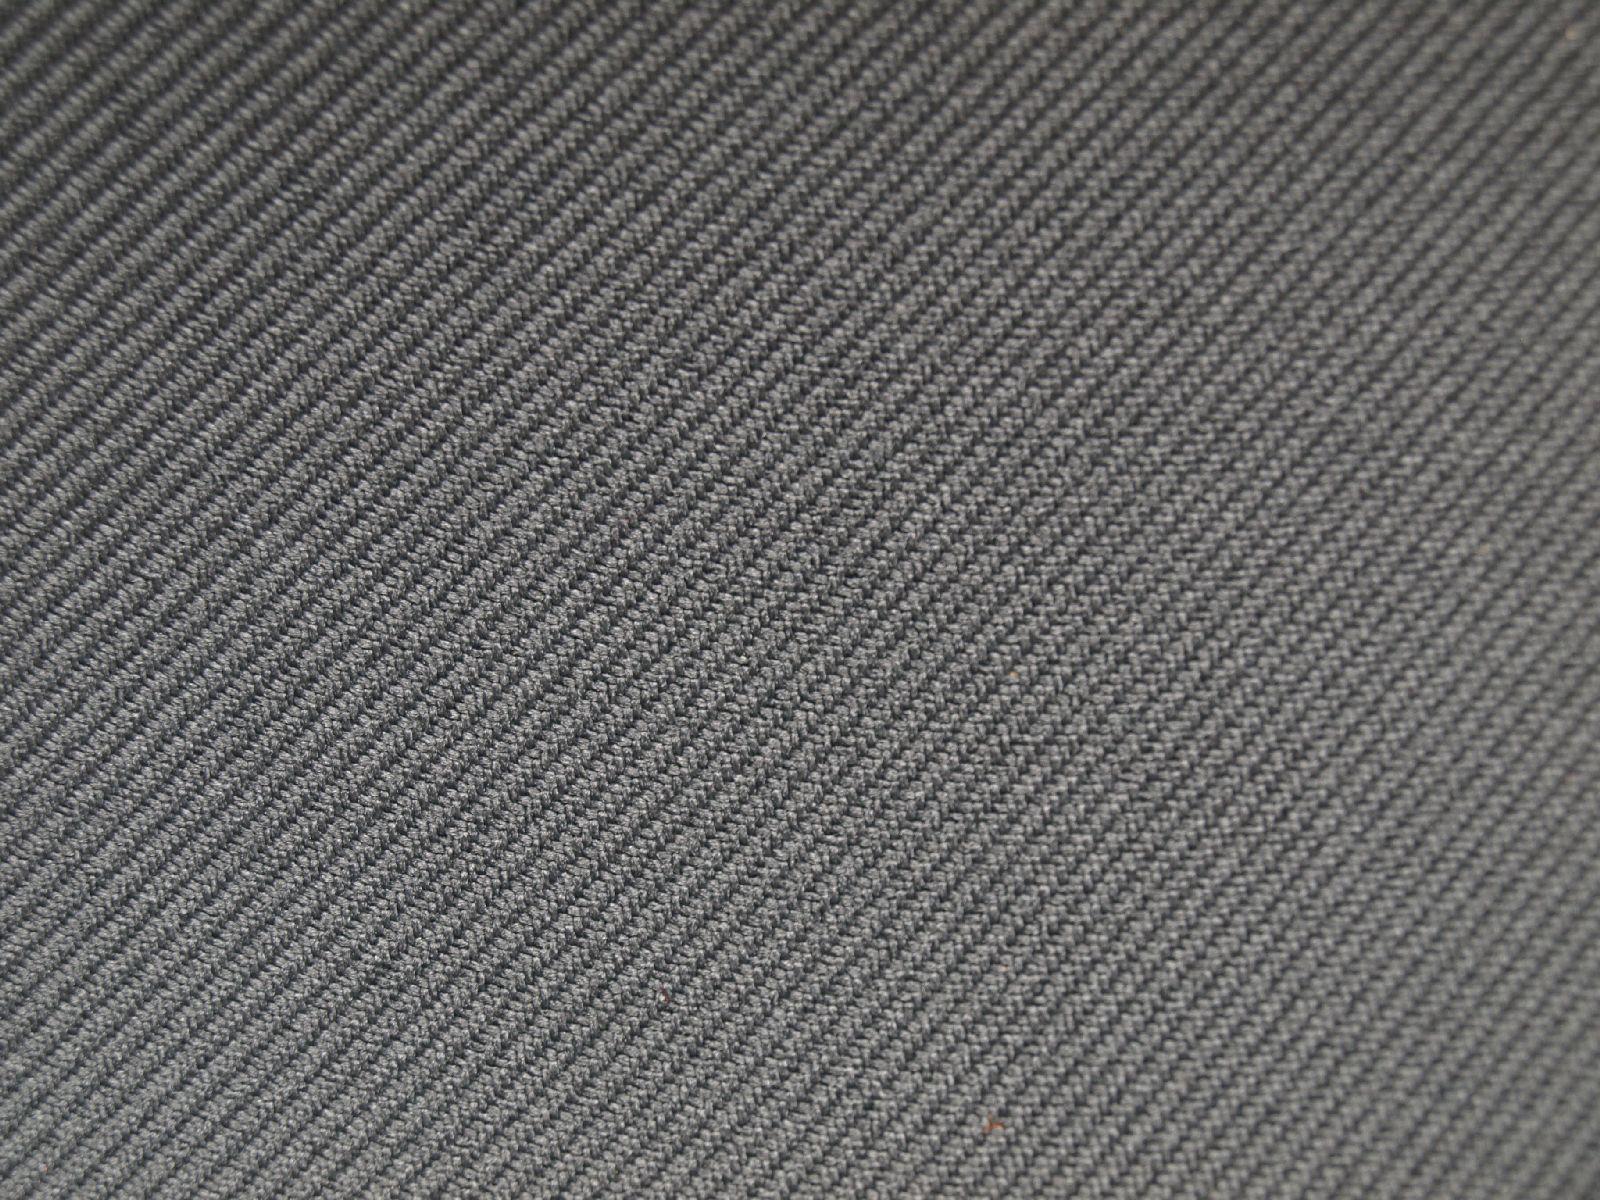 Innenraum-Material_Textur_A_P9059474